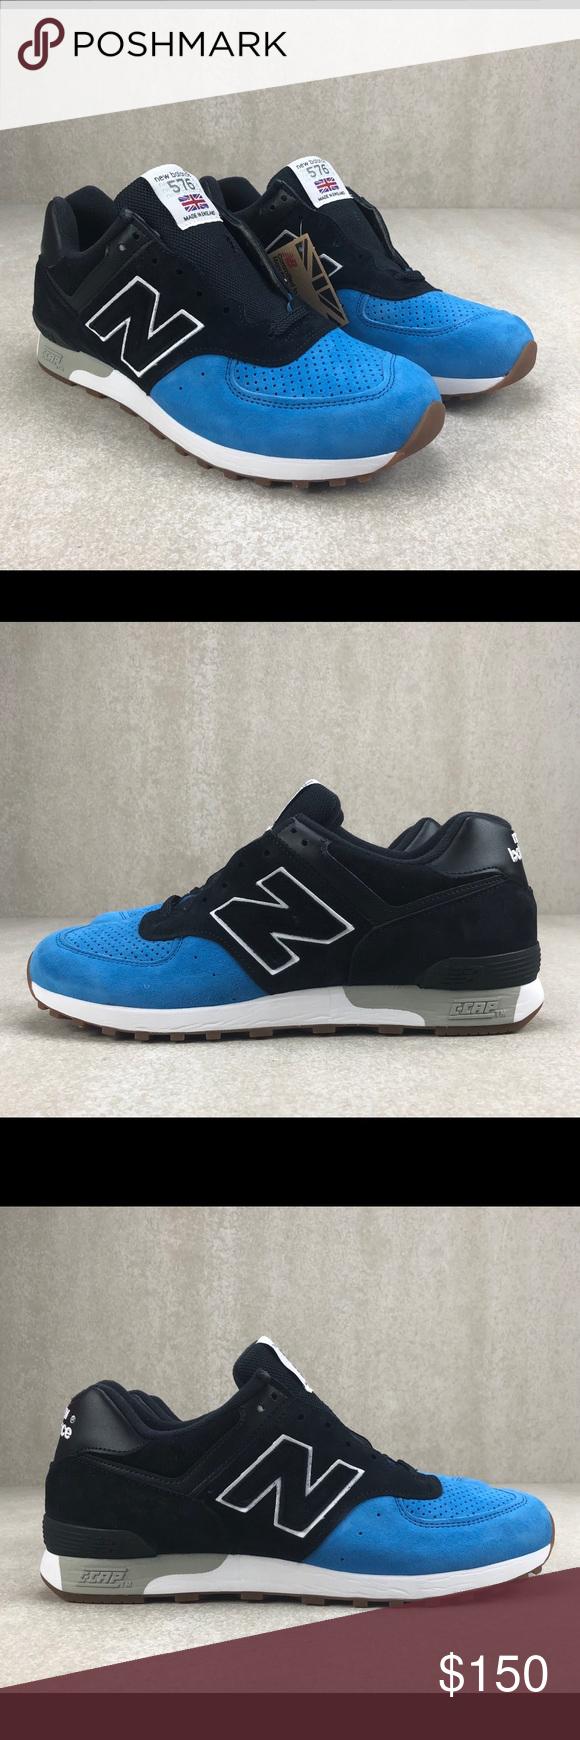 New Balance 567 Retro Shoes Blue Made in England   Retro shoes ...